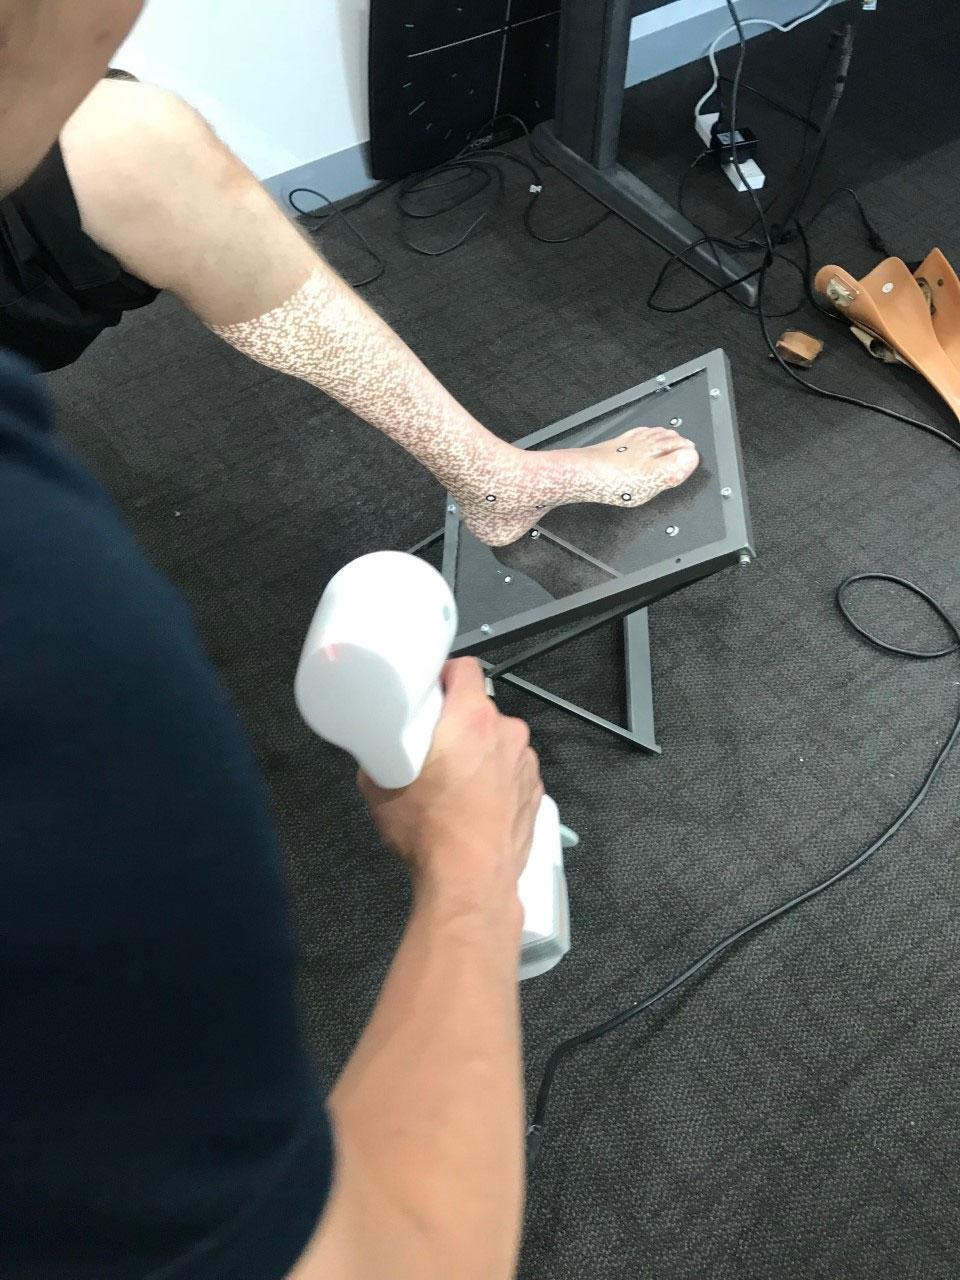 OMEGA 3D High Definition Scanner used for AFO shape capturing: